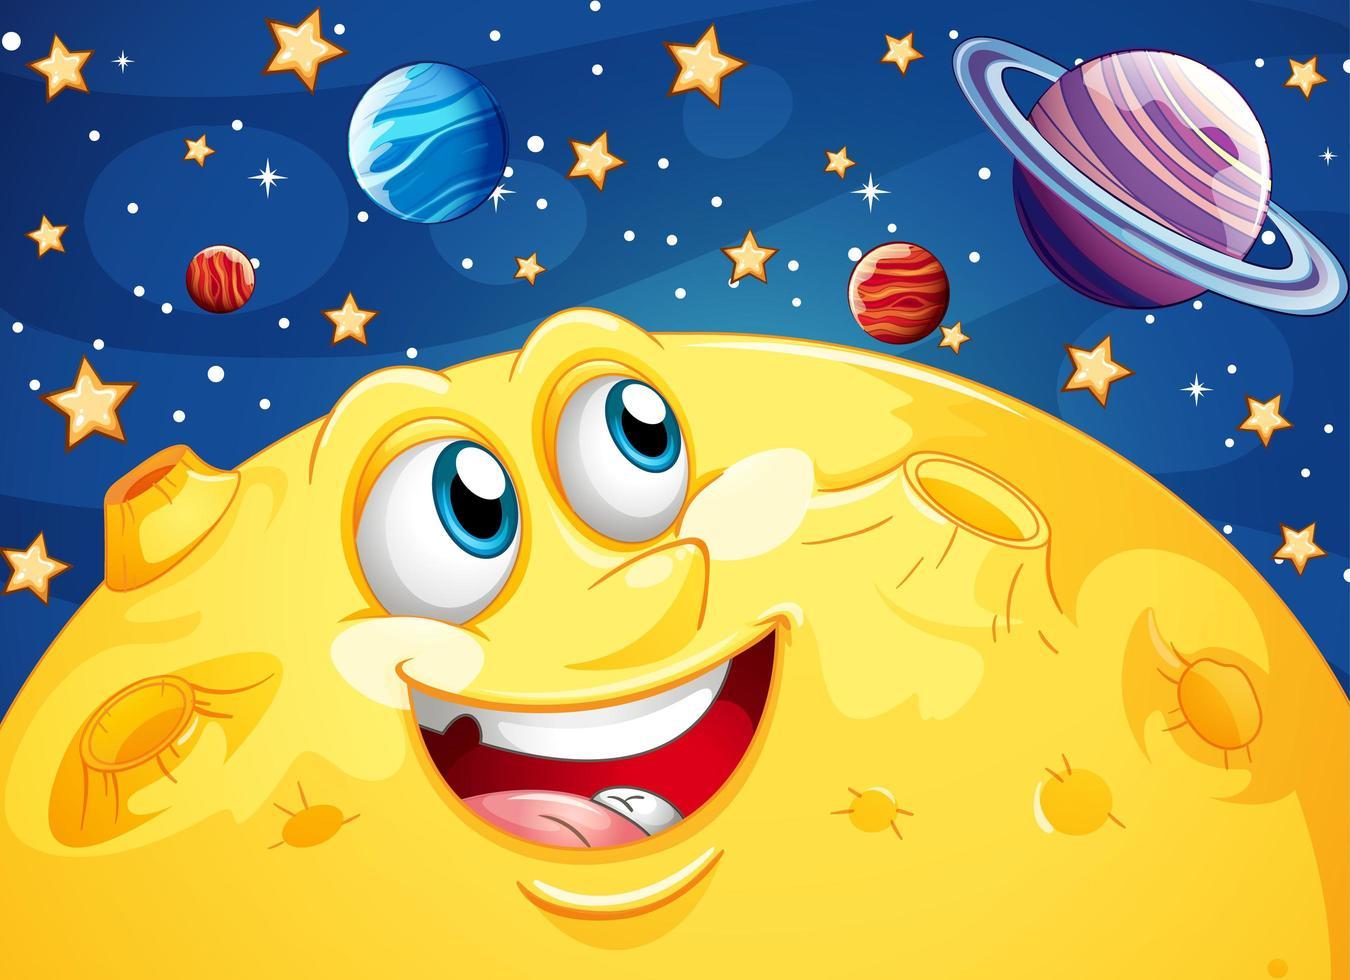 fond de lune et galaxie de dessin animé heureux vecteur